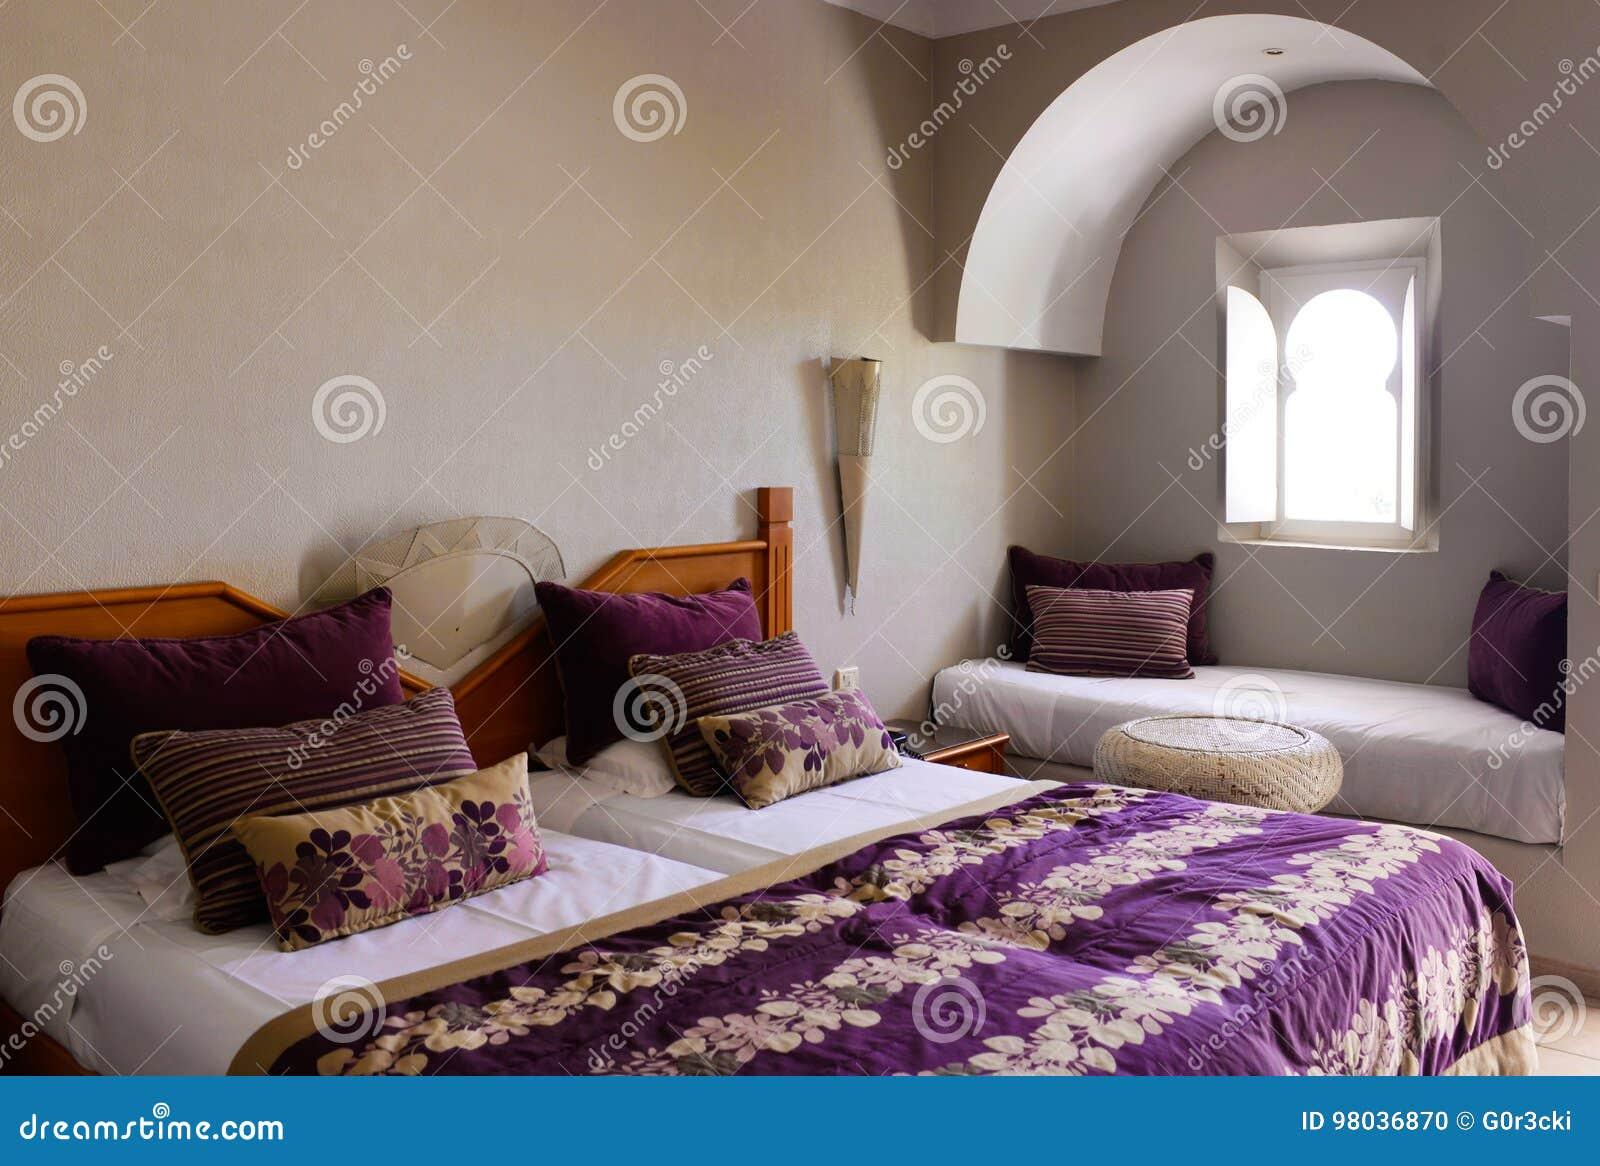 Gemütliches Schlafzimmer Mit Arabischem Fenster, Raum ...